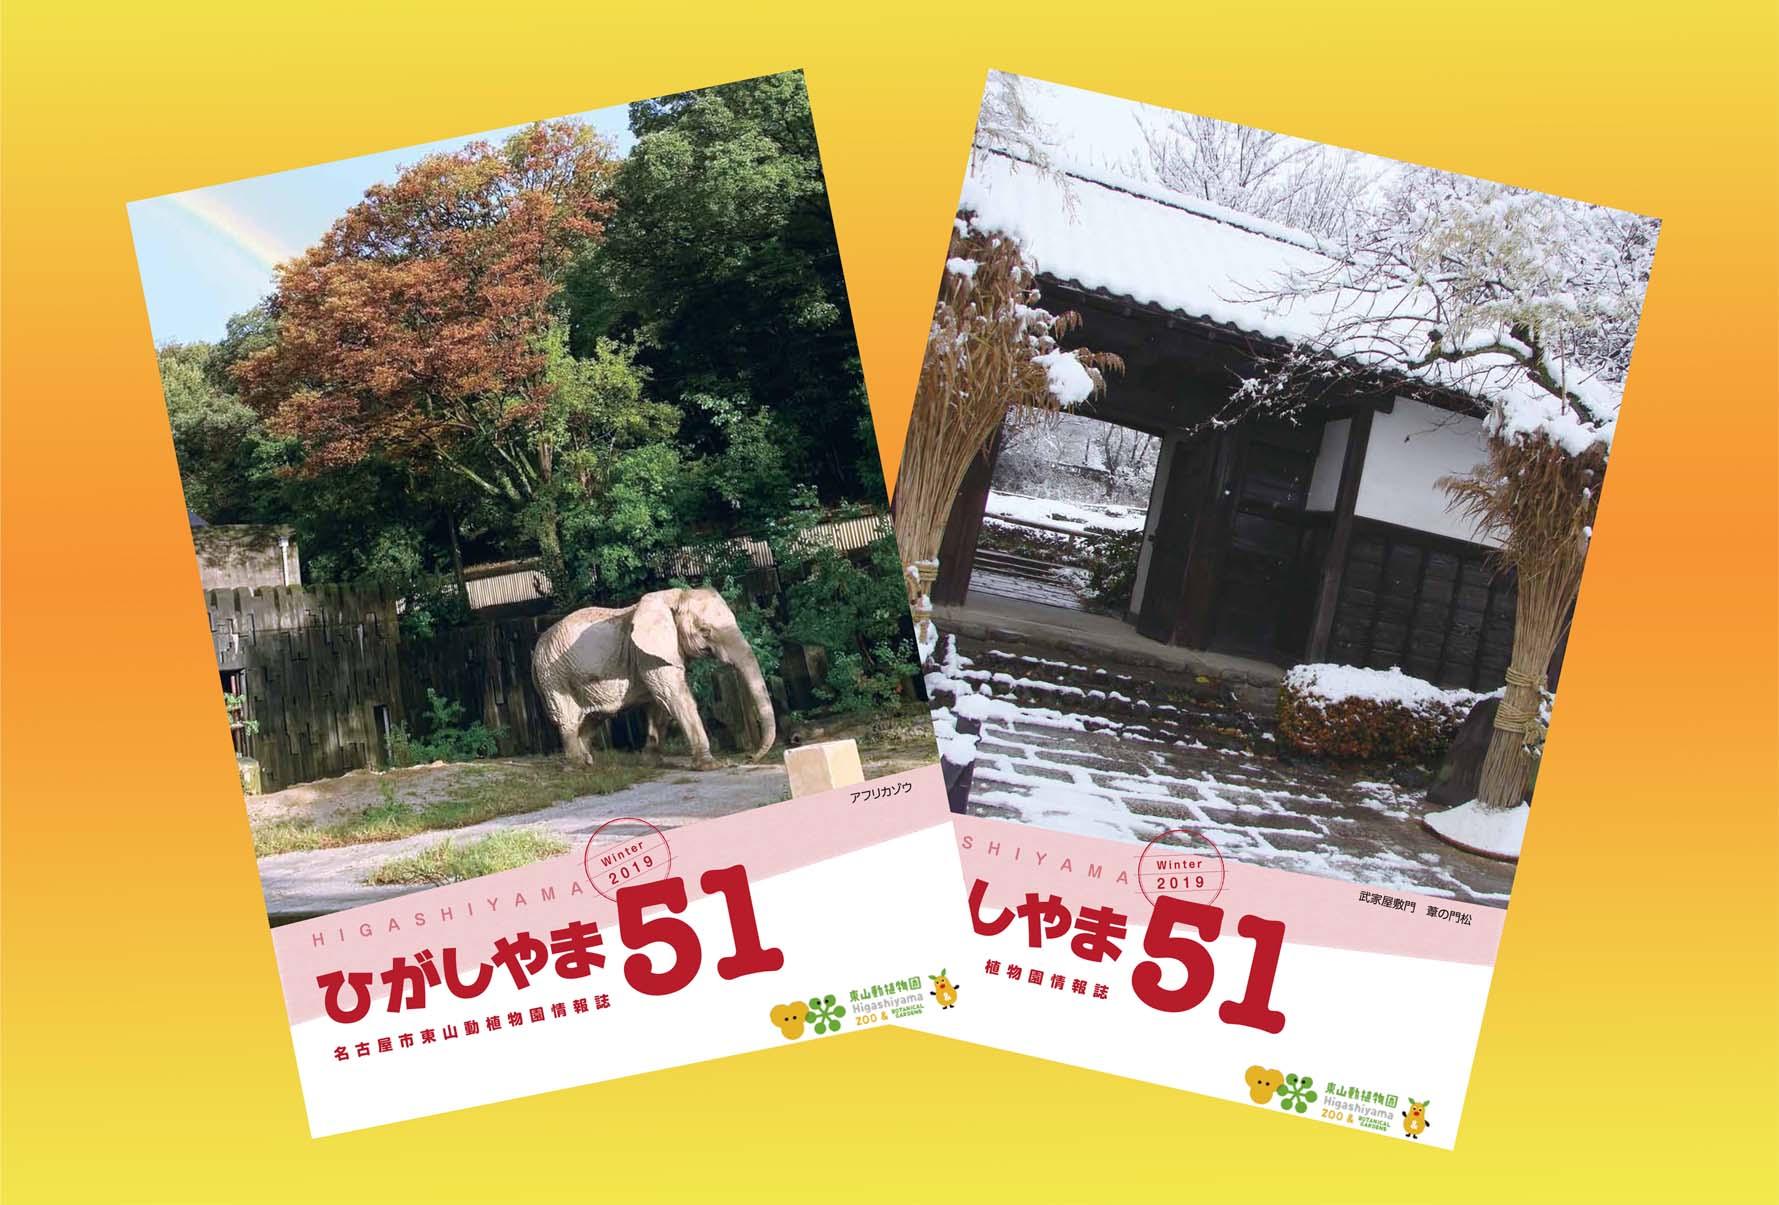 東山動植物園の情報誌ひがしやま51号を発行しました。